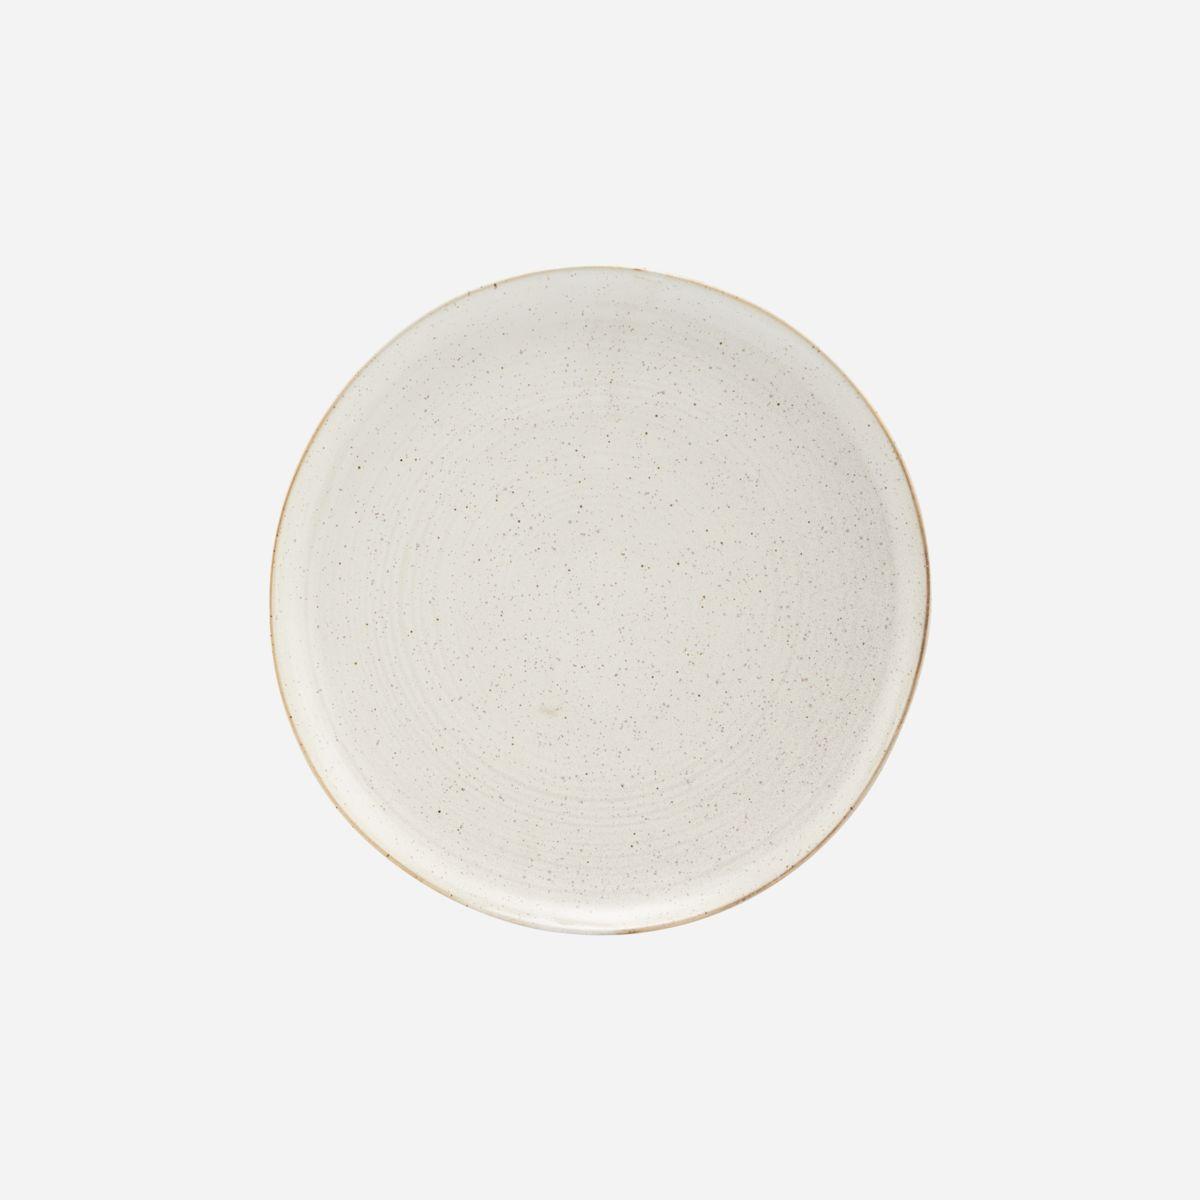 House Doctor - Middagstallerken, Pion, grå/hvit